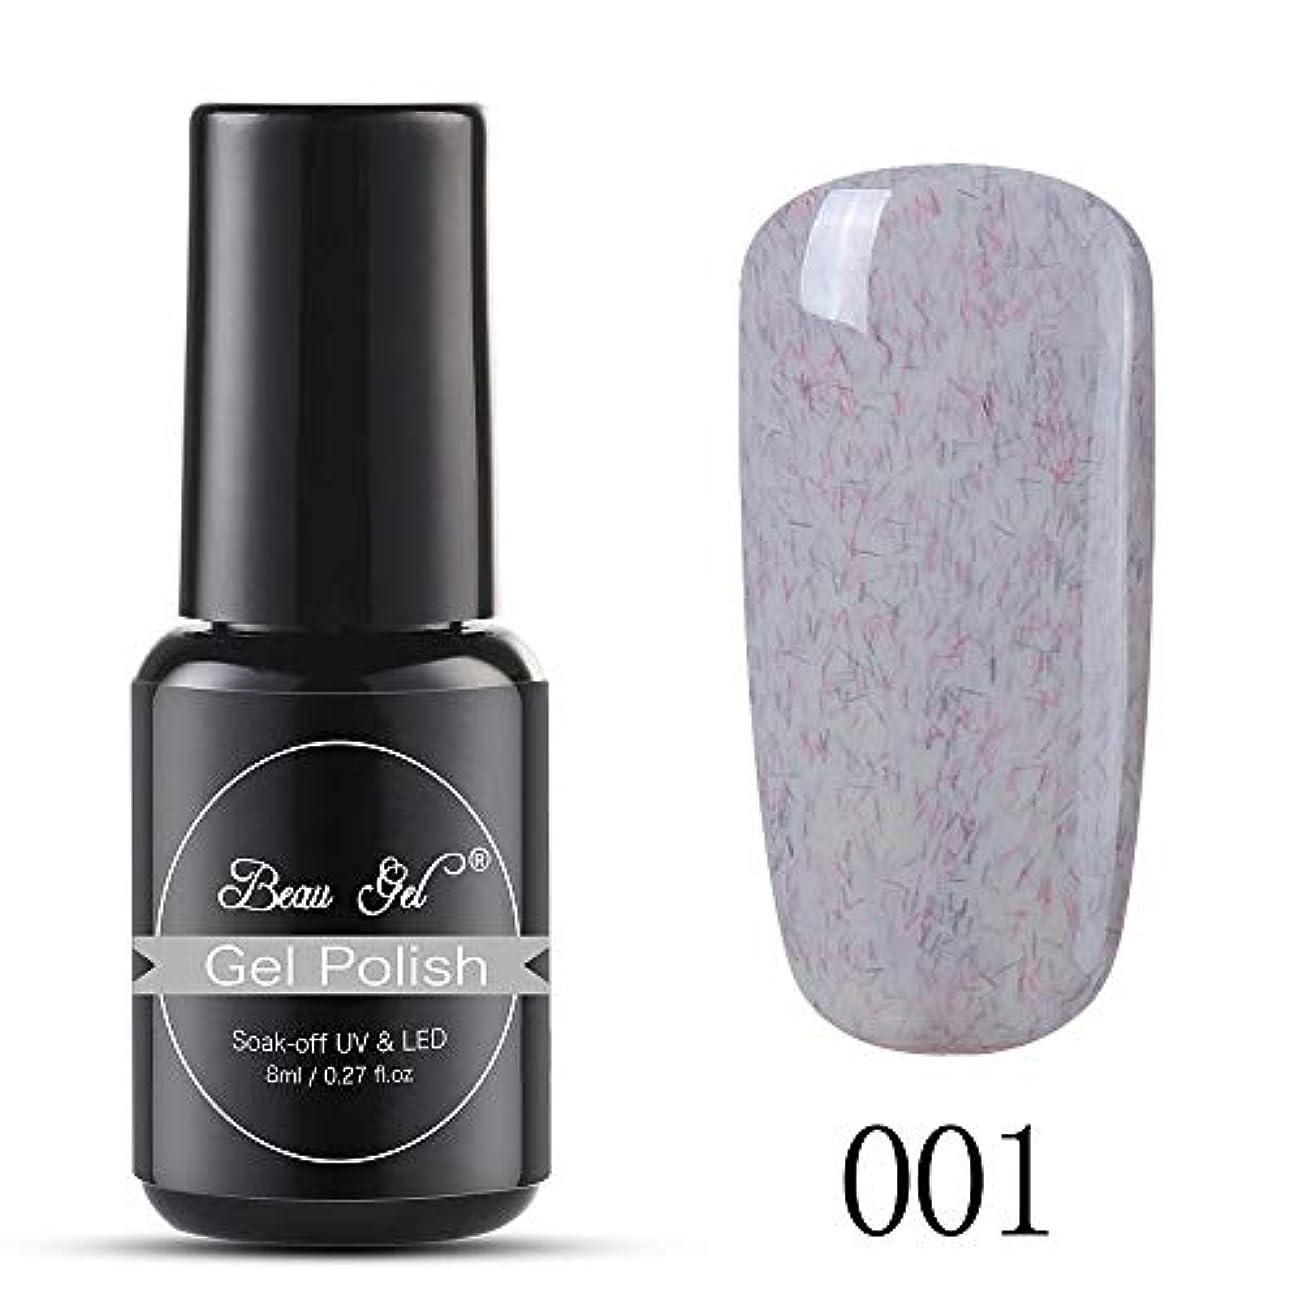 スキルサーバ経済的Beau gel ジェルネイル カラージェル 皮草系 1色入り 8ml-001